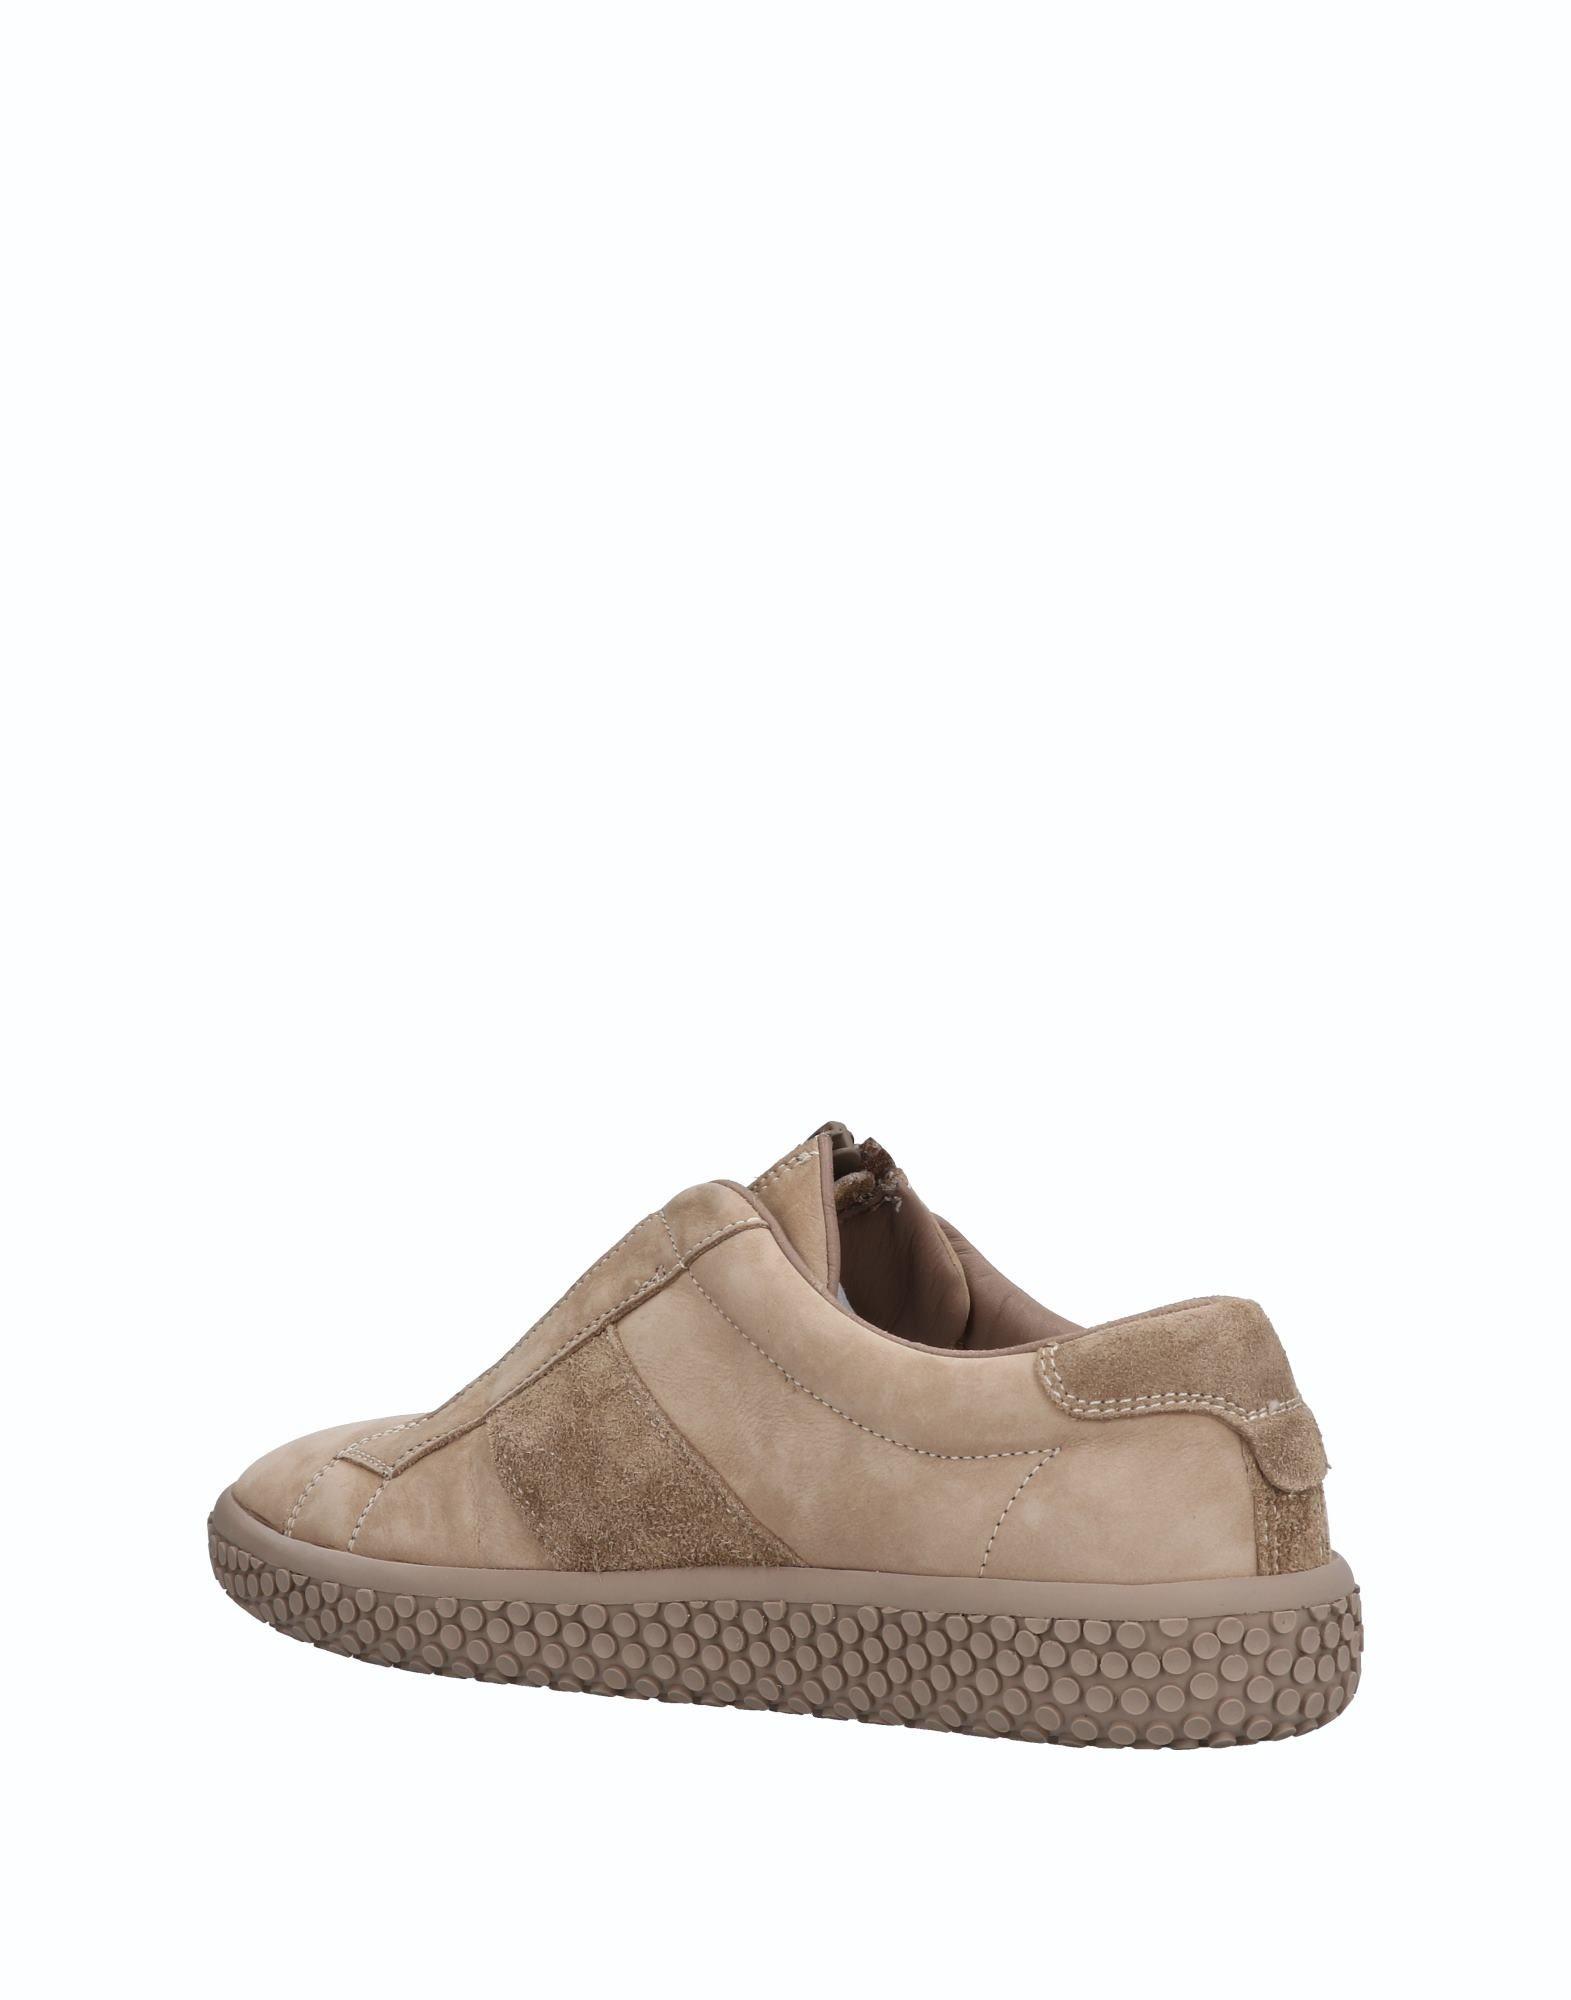 O.X.S. Sneakers Damen Gutes sich Preis-Leistungs-Verhältnis, es lohnt sich Gutes 3935 0243ee